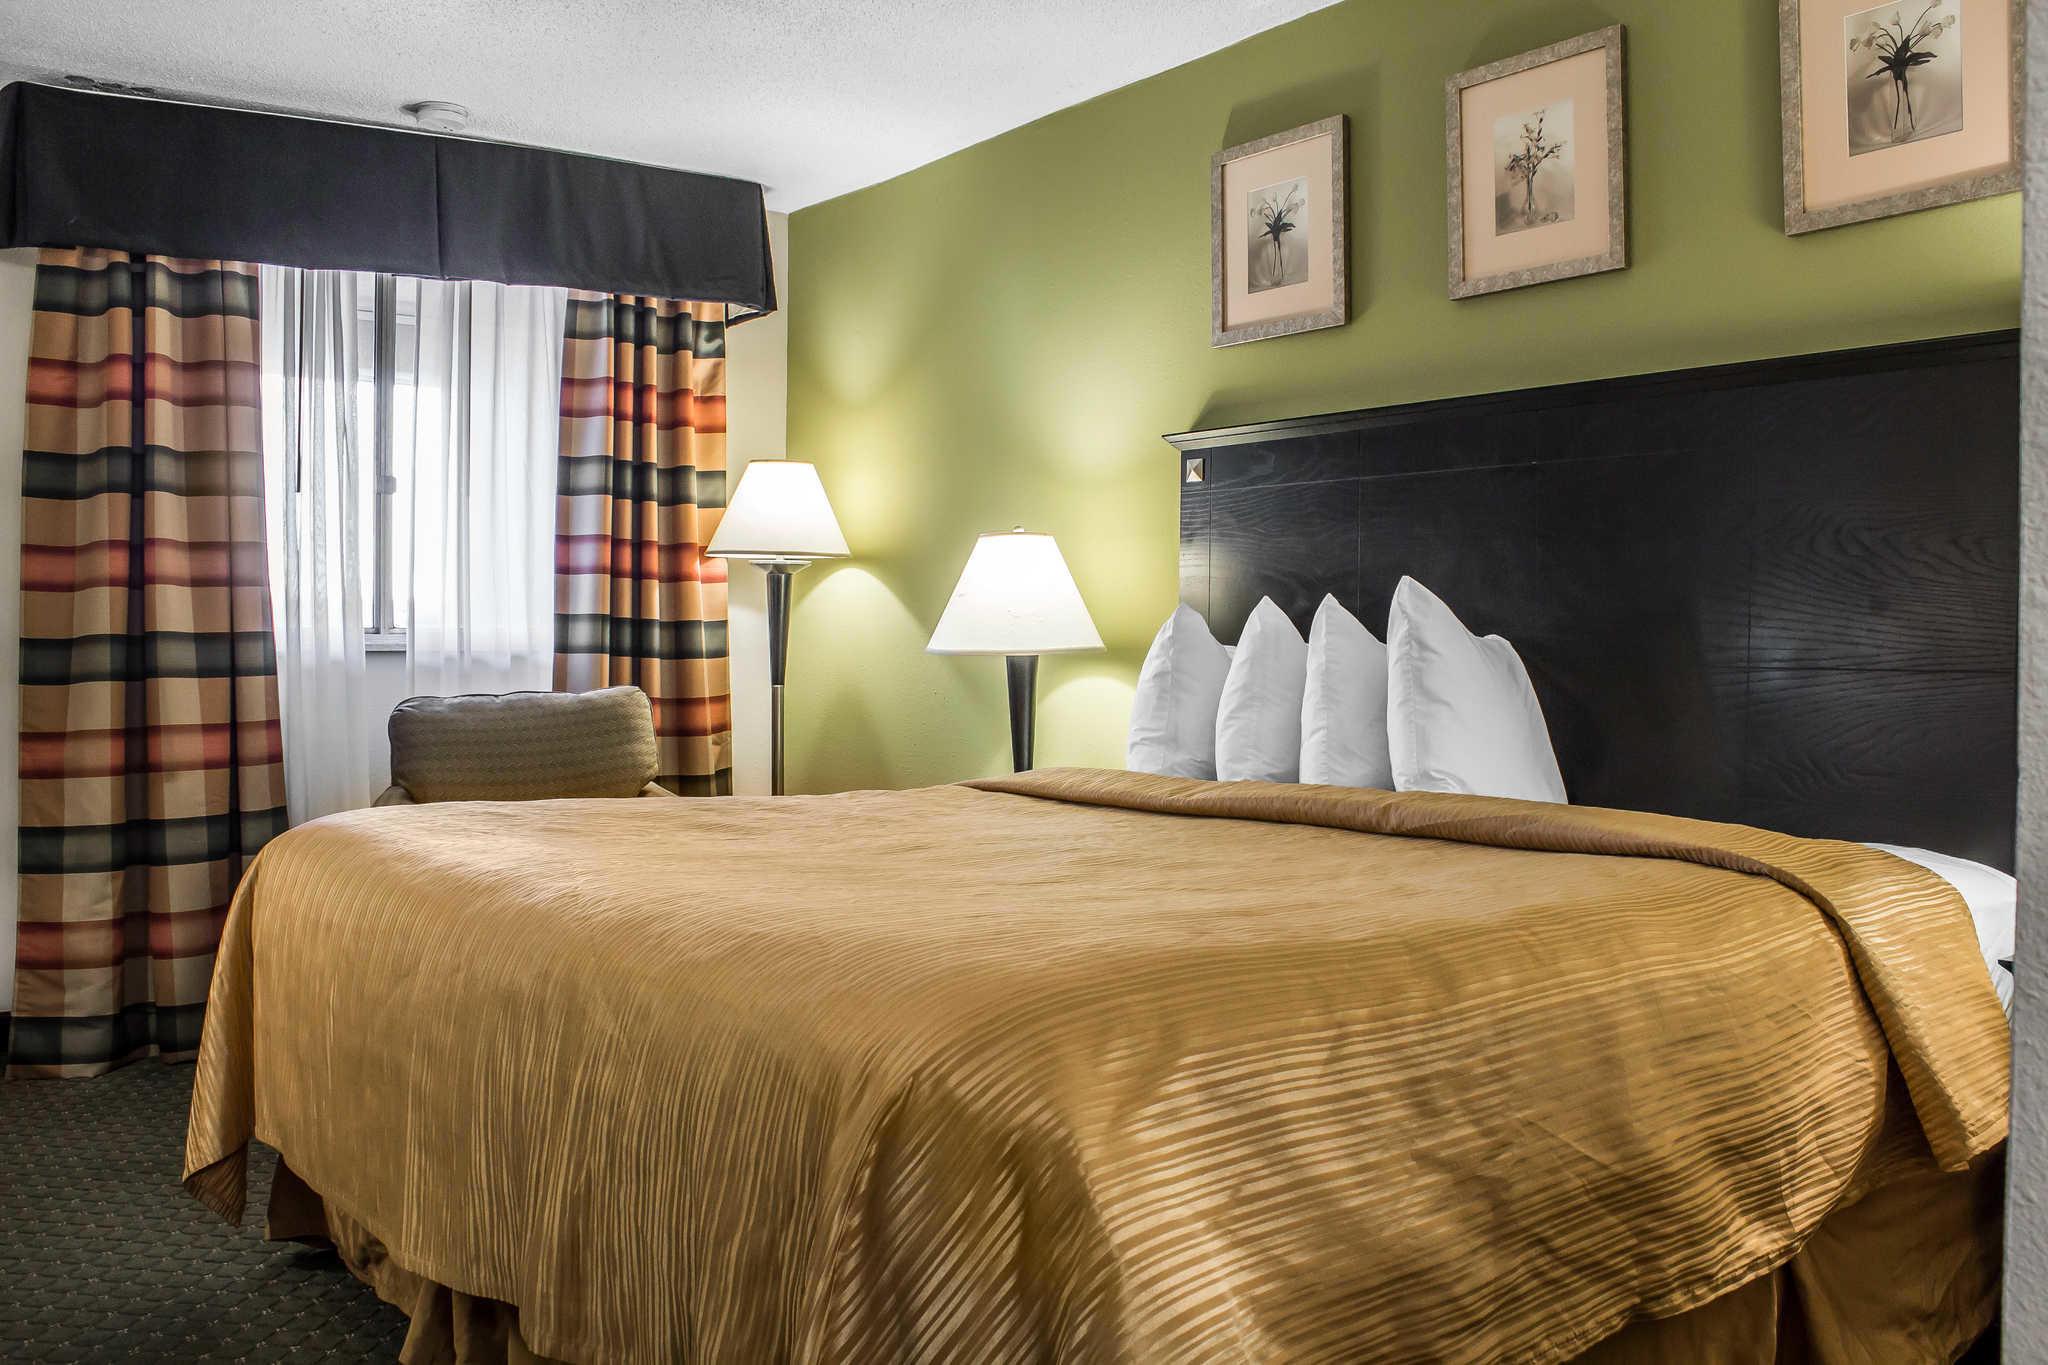 Quality Inn & Suites Moline - Quad Cities image 0